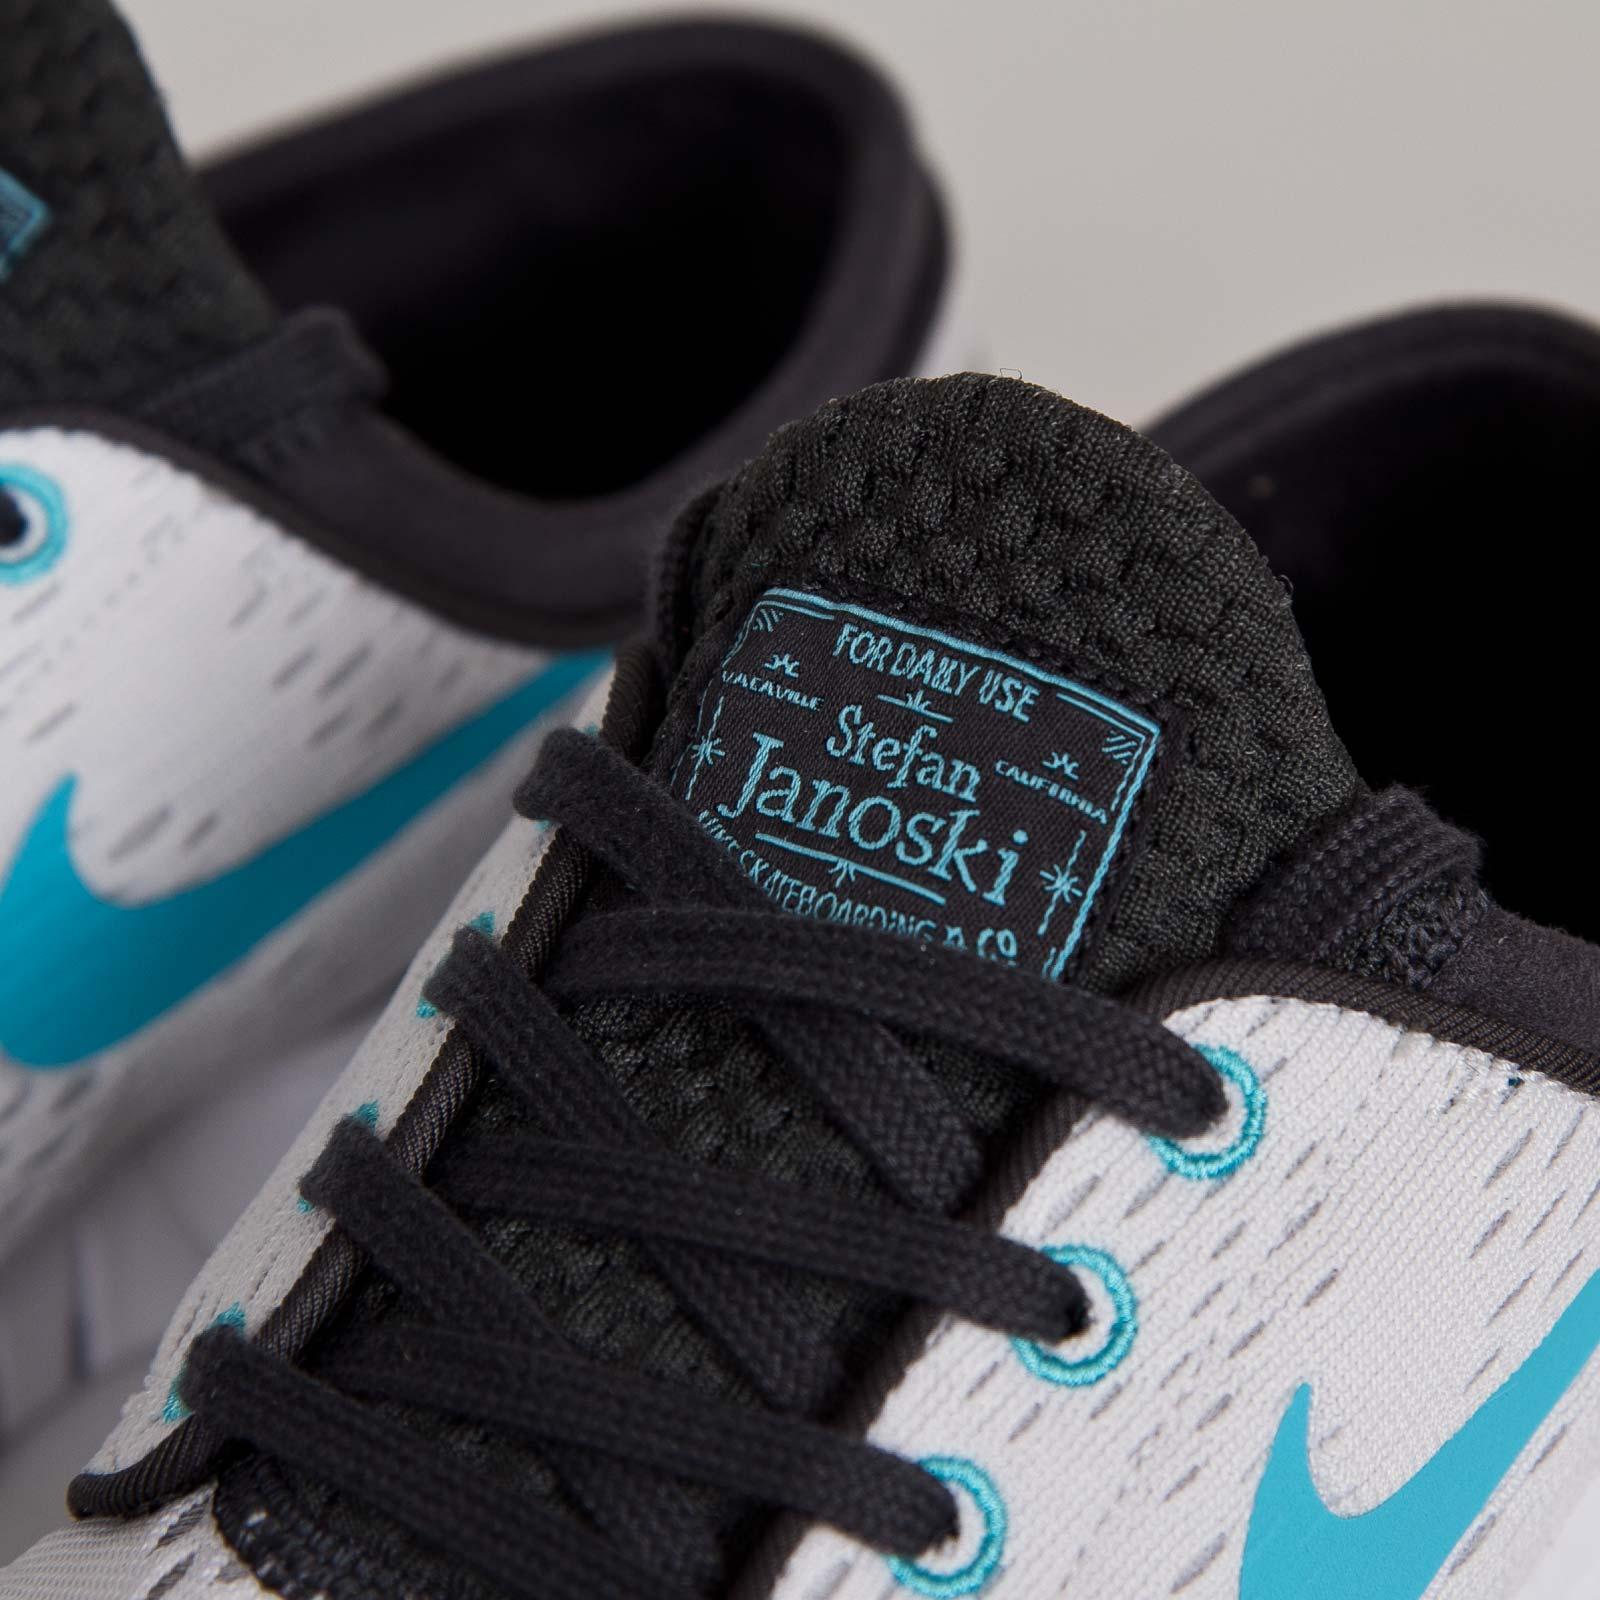 size 40 64245 8d97e Nike Stefan Janoski Max - 631303-140 - Sneakersnstuff   sneakers    streetwear online since 1999